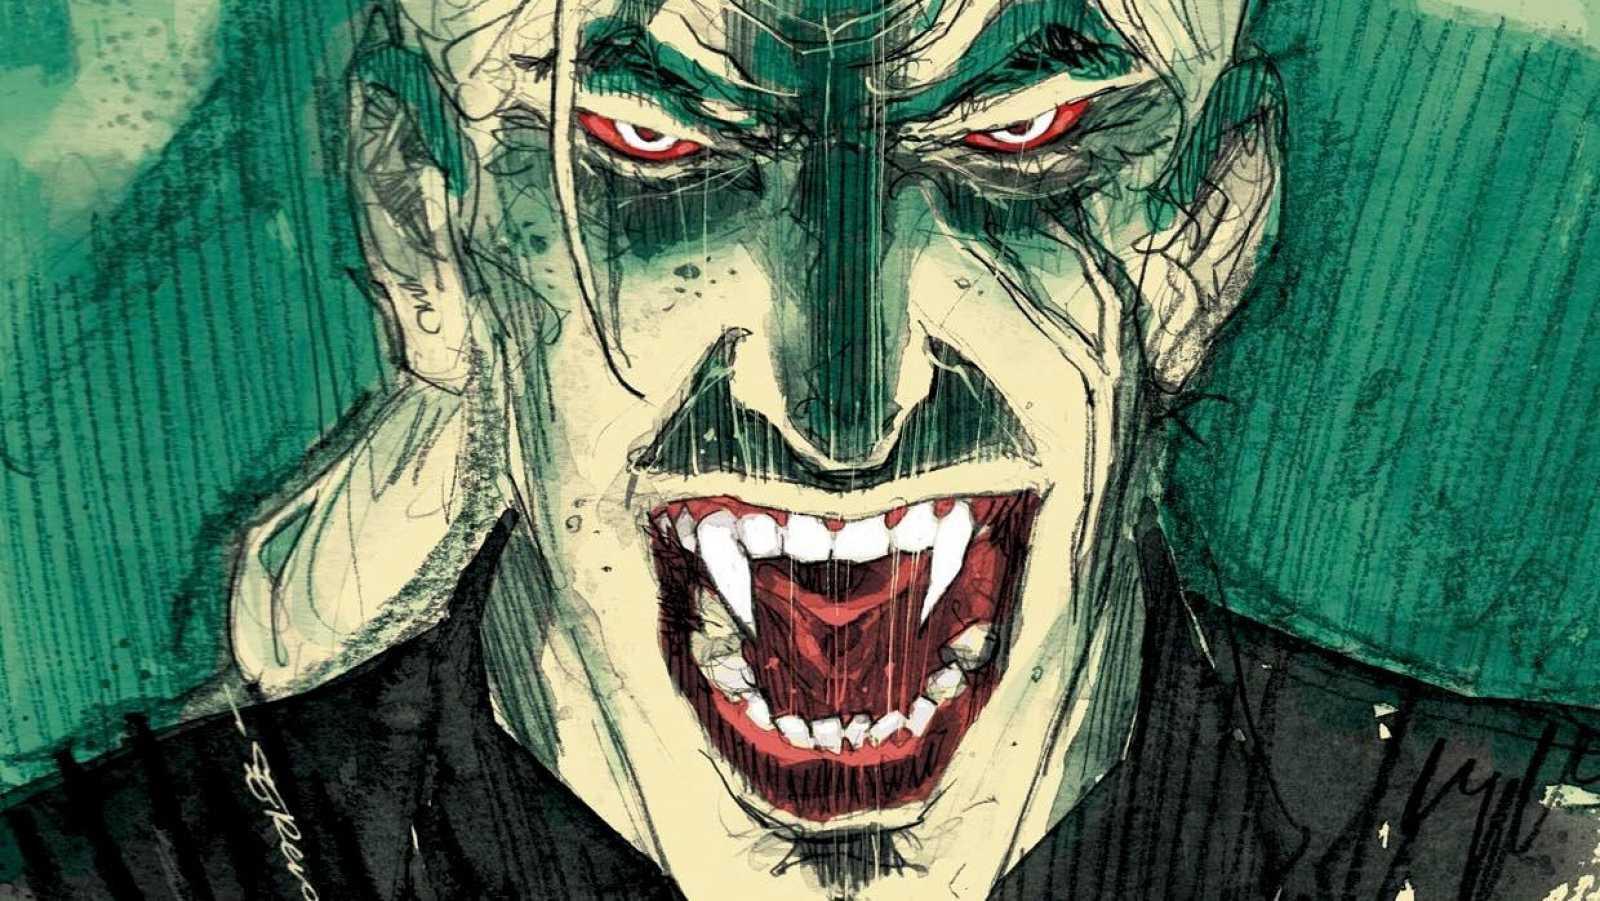 Cómic Bleda Mis Vampiros Se Parecen A Los De Anne L Rtve